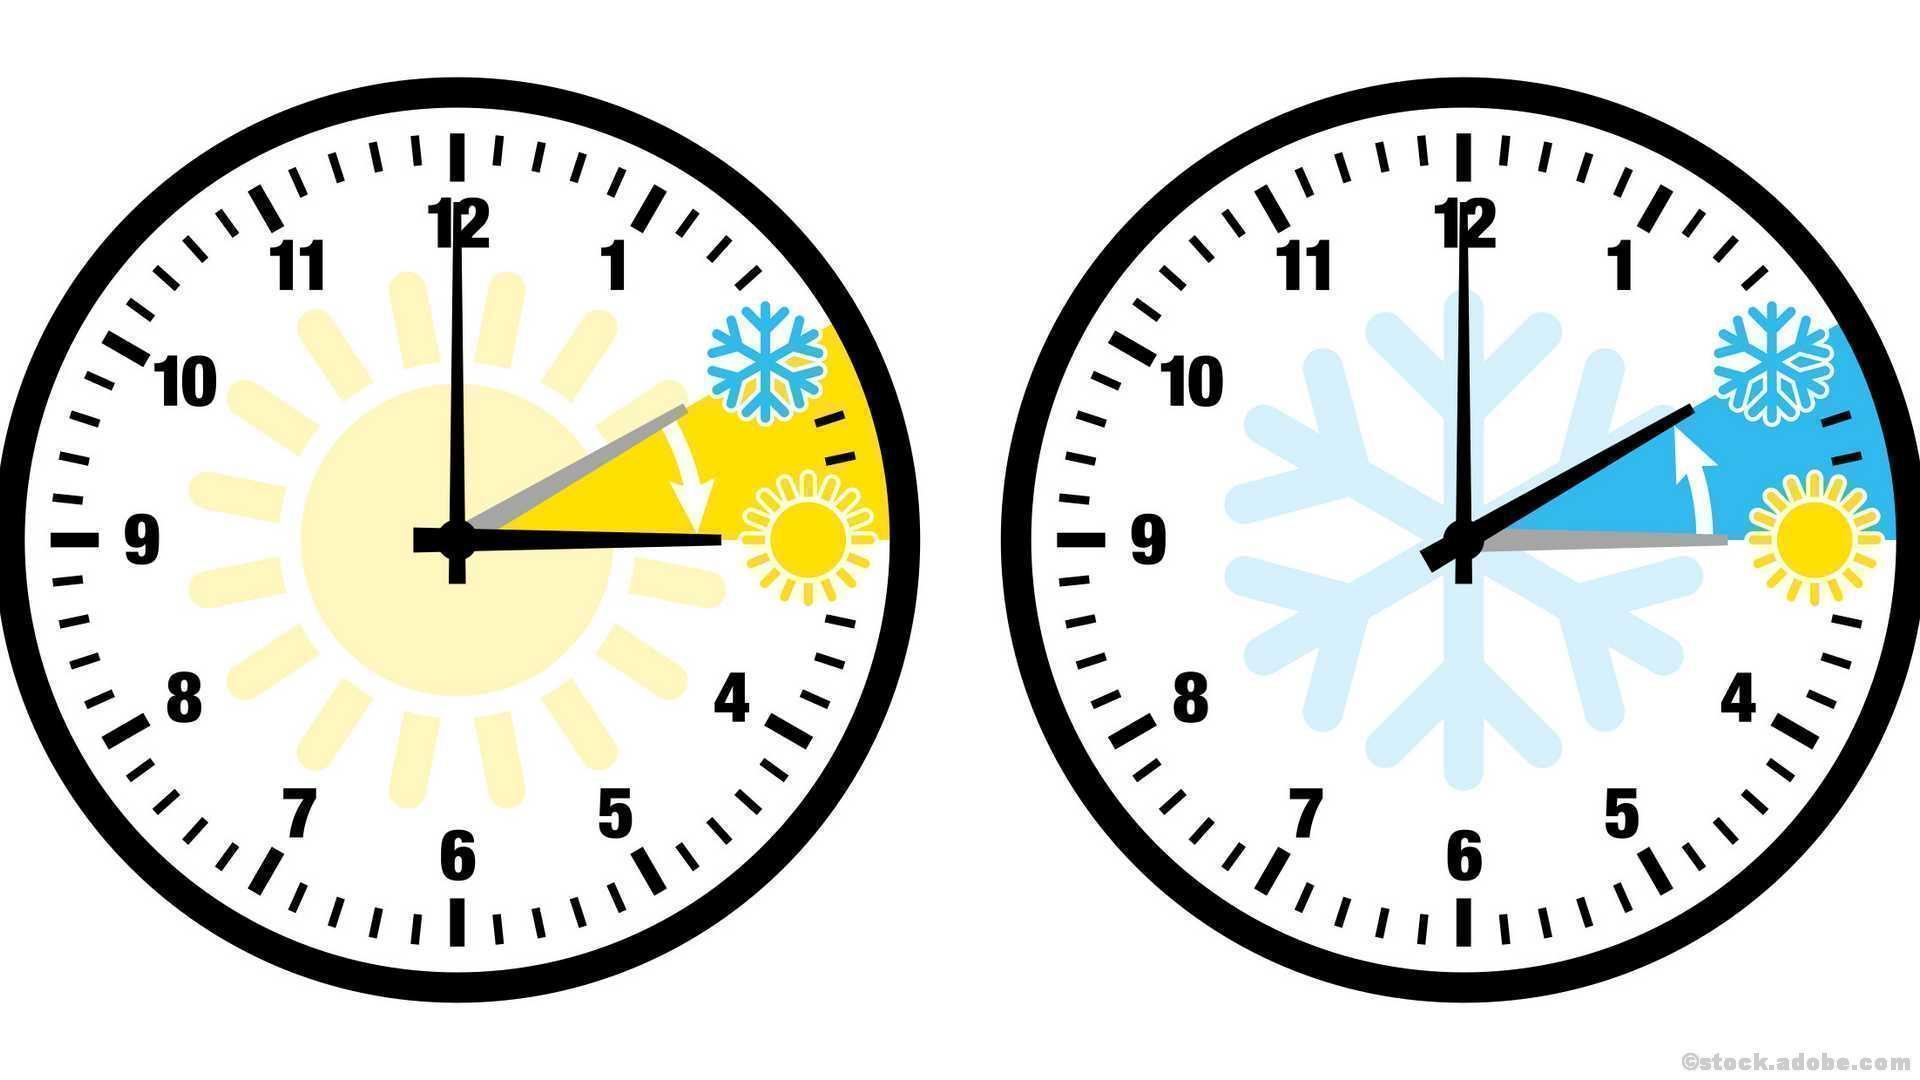 Zeiumstellung biologischer Rhythmus Winterzeit Sommerzeit